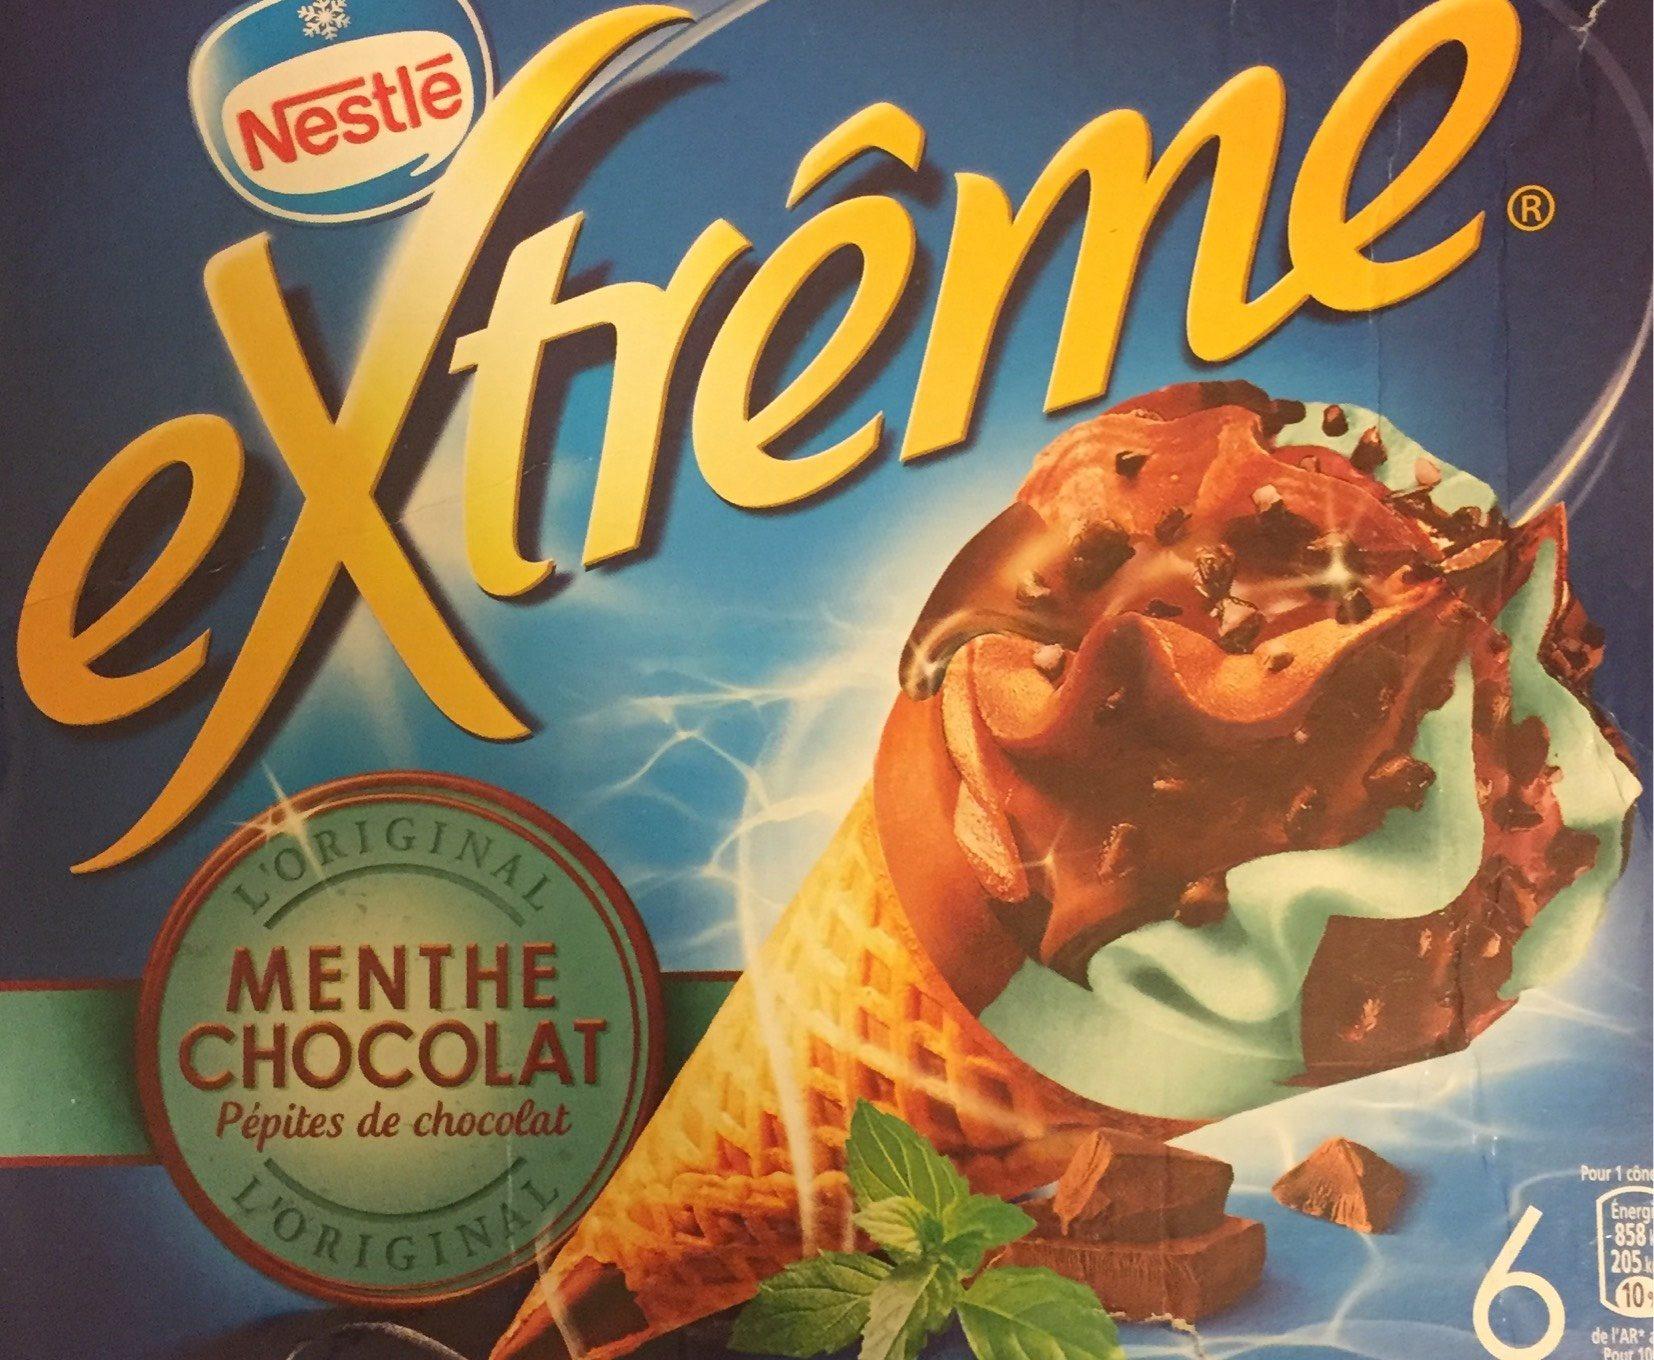 extrême Menthe Chocolat Pépites de chocolat - Product - fr